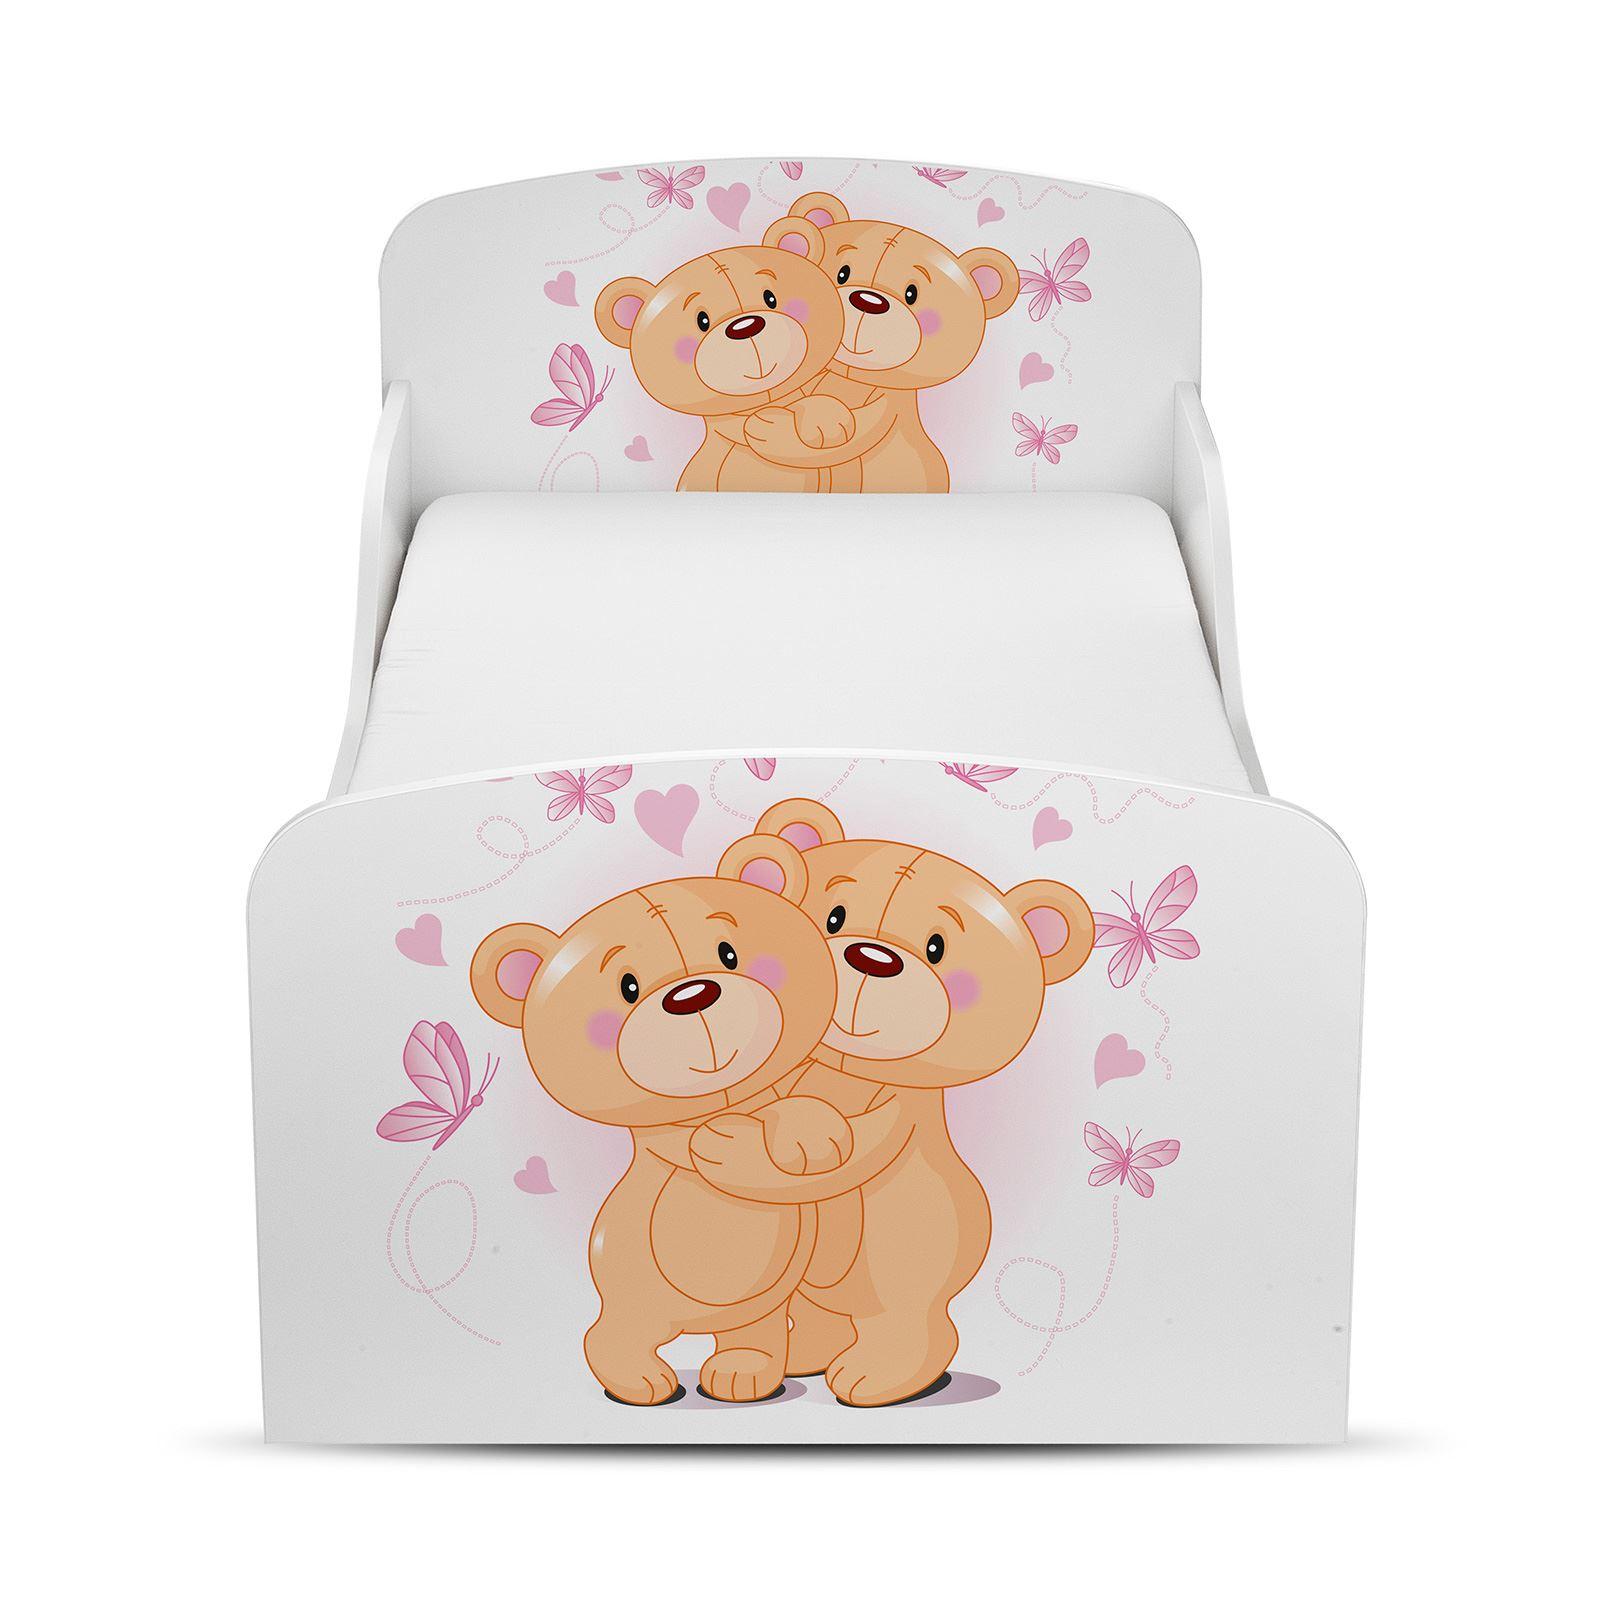 pricerighthome teddyb r umarmung kleinkind bett mit schutz seiten verkleidung ebay. Black Bedroom Furniture Sets. Home Design Ideas